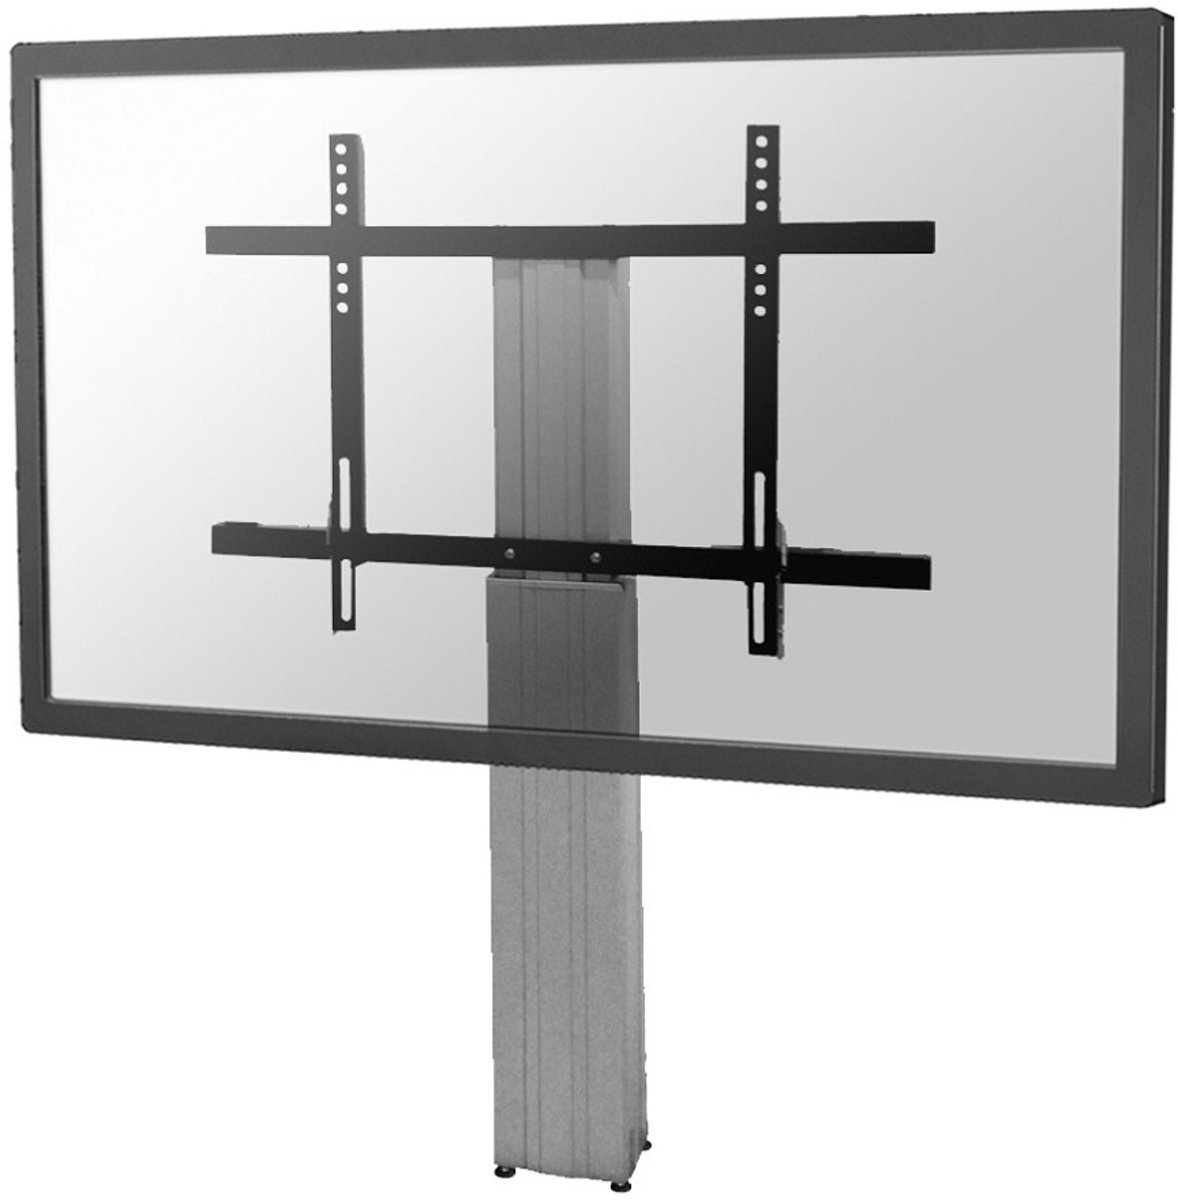 Newstar PLASMA-W2250SILVER Elektrisch verstelbare vloerstandandaard [1x 150kg, 42 - 100' inch, Black] kopen